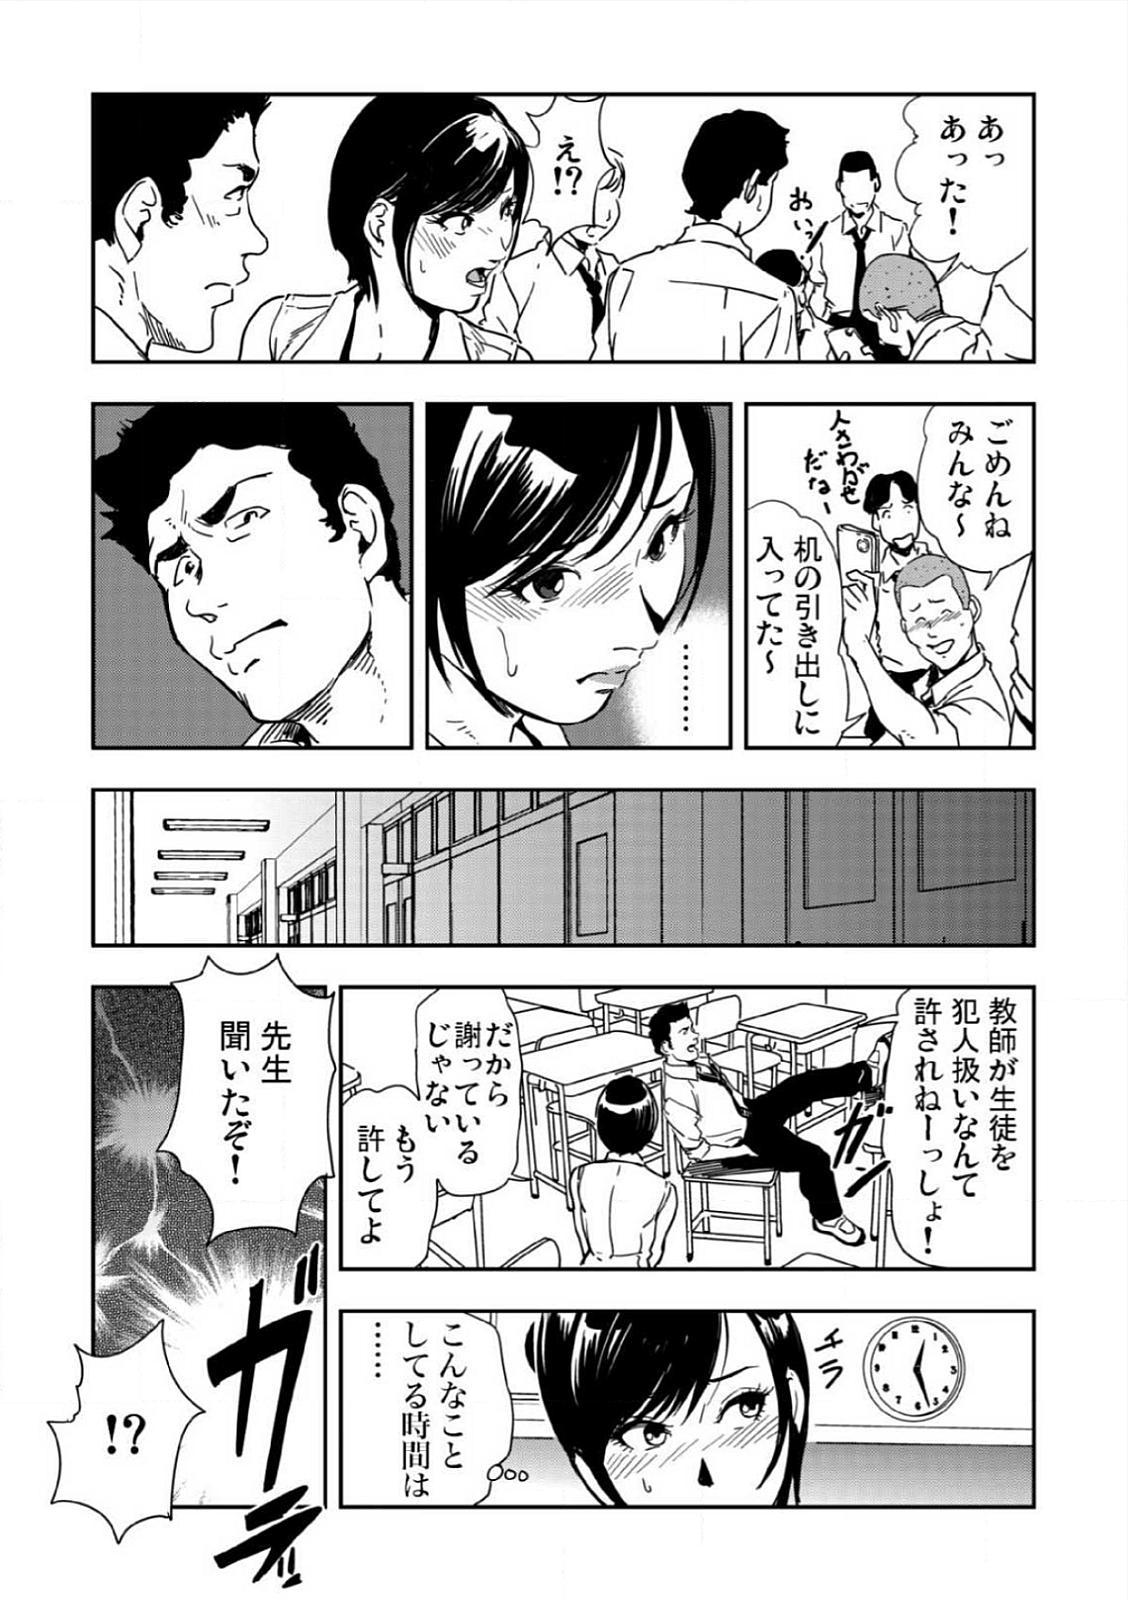 [Misaki Yukihiro] Kyousei Shidou ~Mechakucha ni Kegasarete~ (1)~(6) [Digital] 144